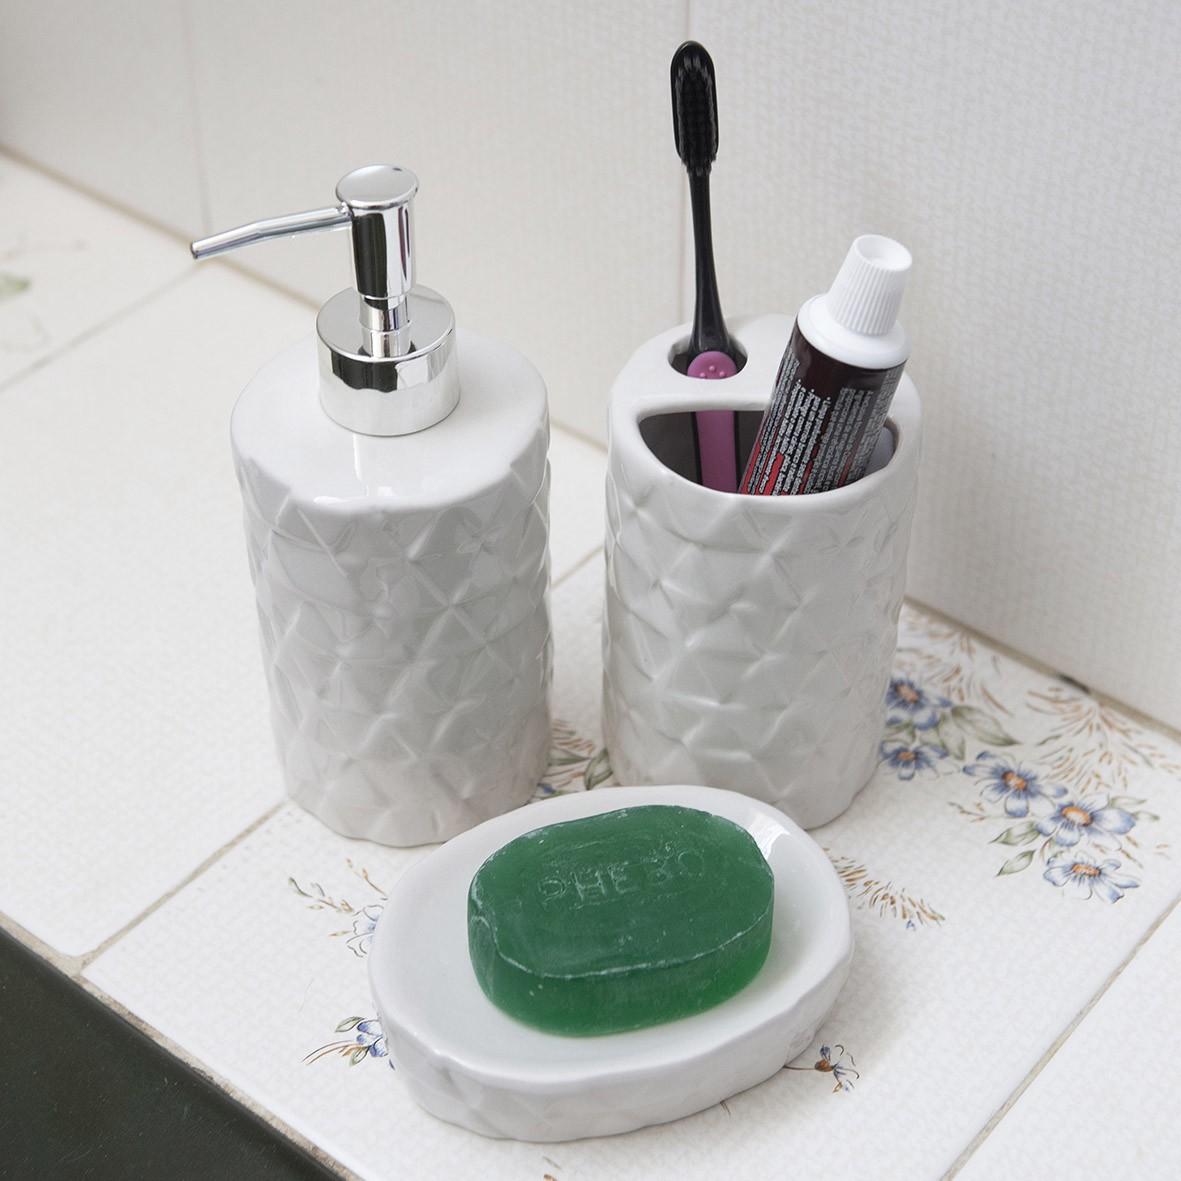 Kit para Banheiro 3 peças Branco com Detalhes